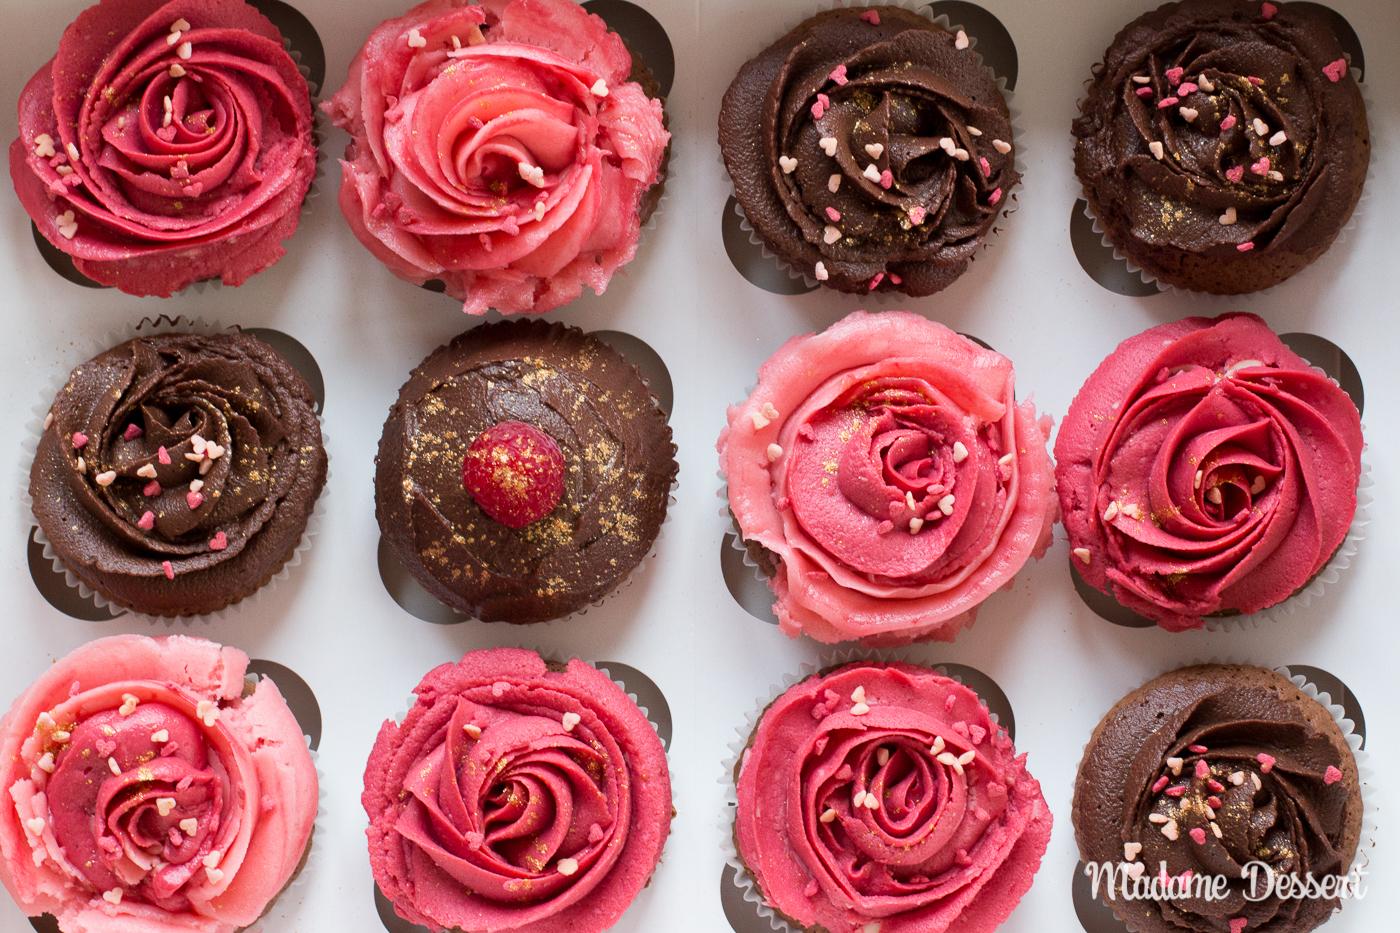 Schokoladencupcakes mit himbeerigen Buttercremerosen | Madame Dessert